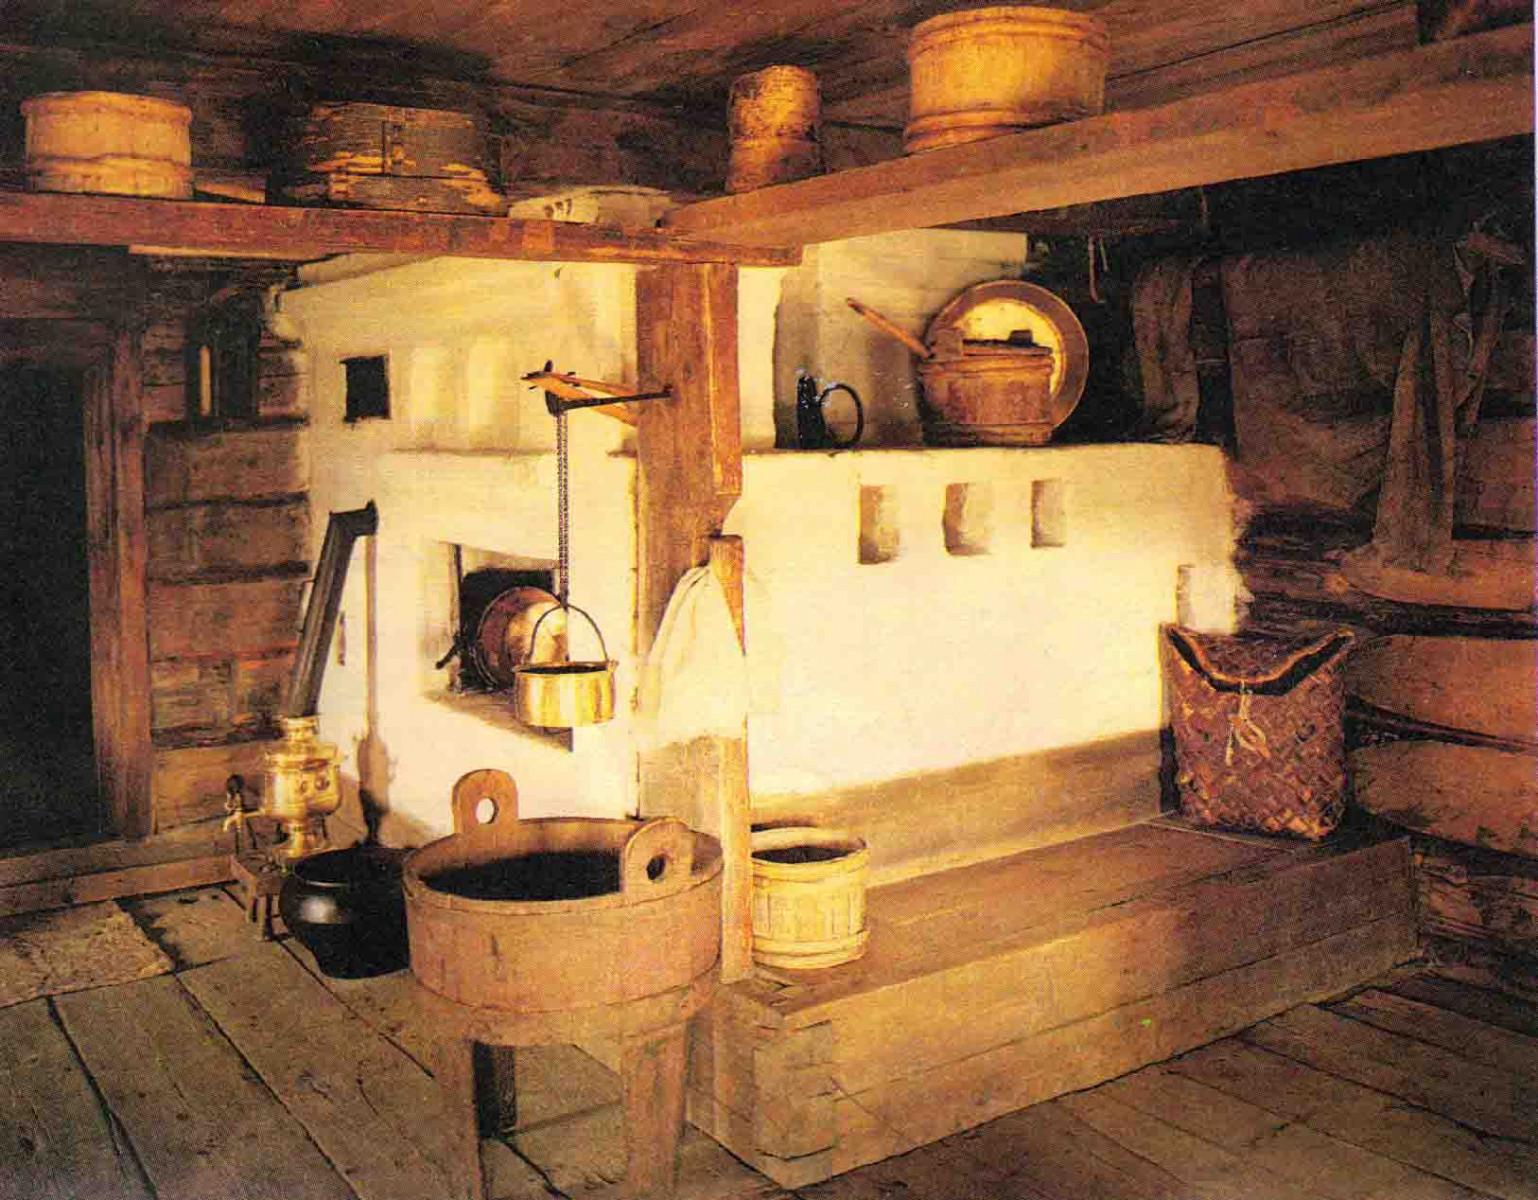 печь русская картинки в старинной избе